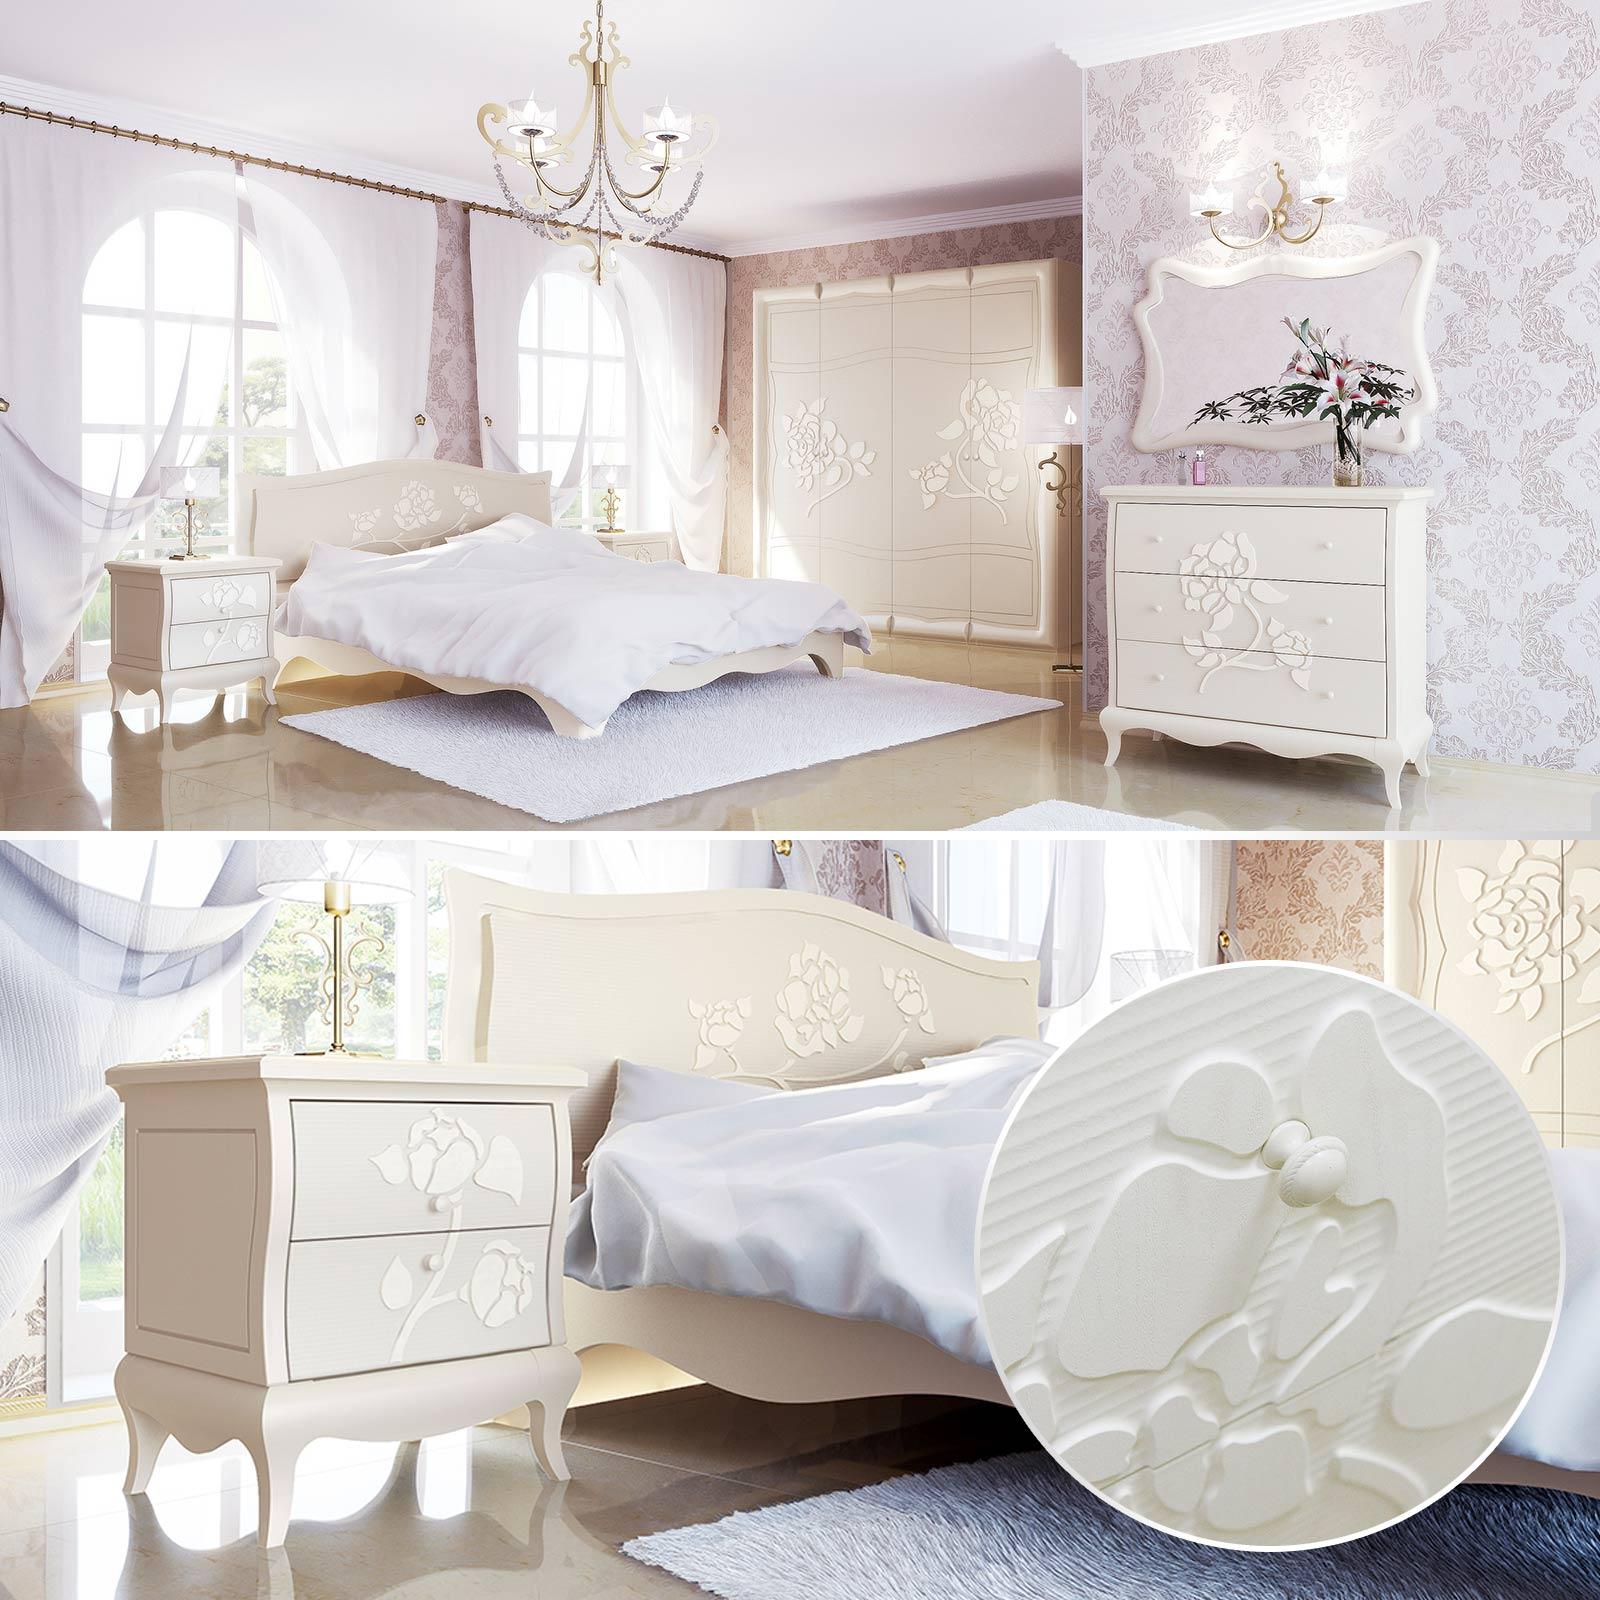 schlafzimmer komplett landhausstil möbel schlafzimmermöbel schlafzimmer einrichten